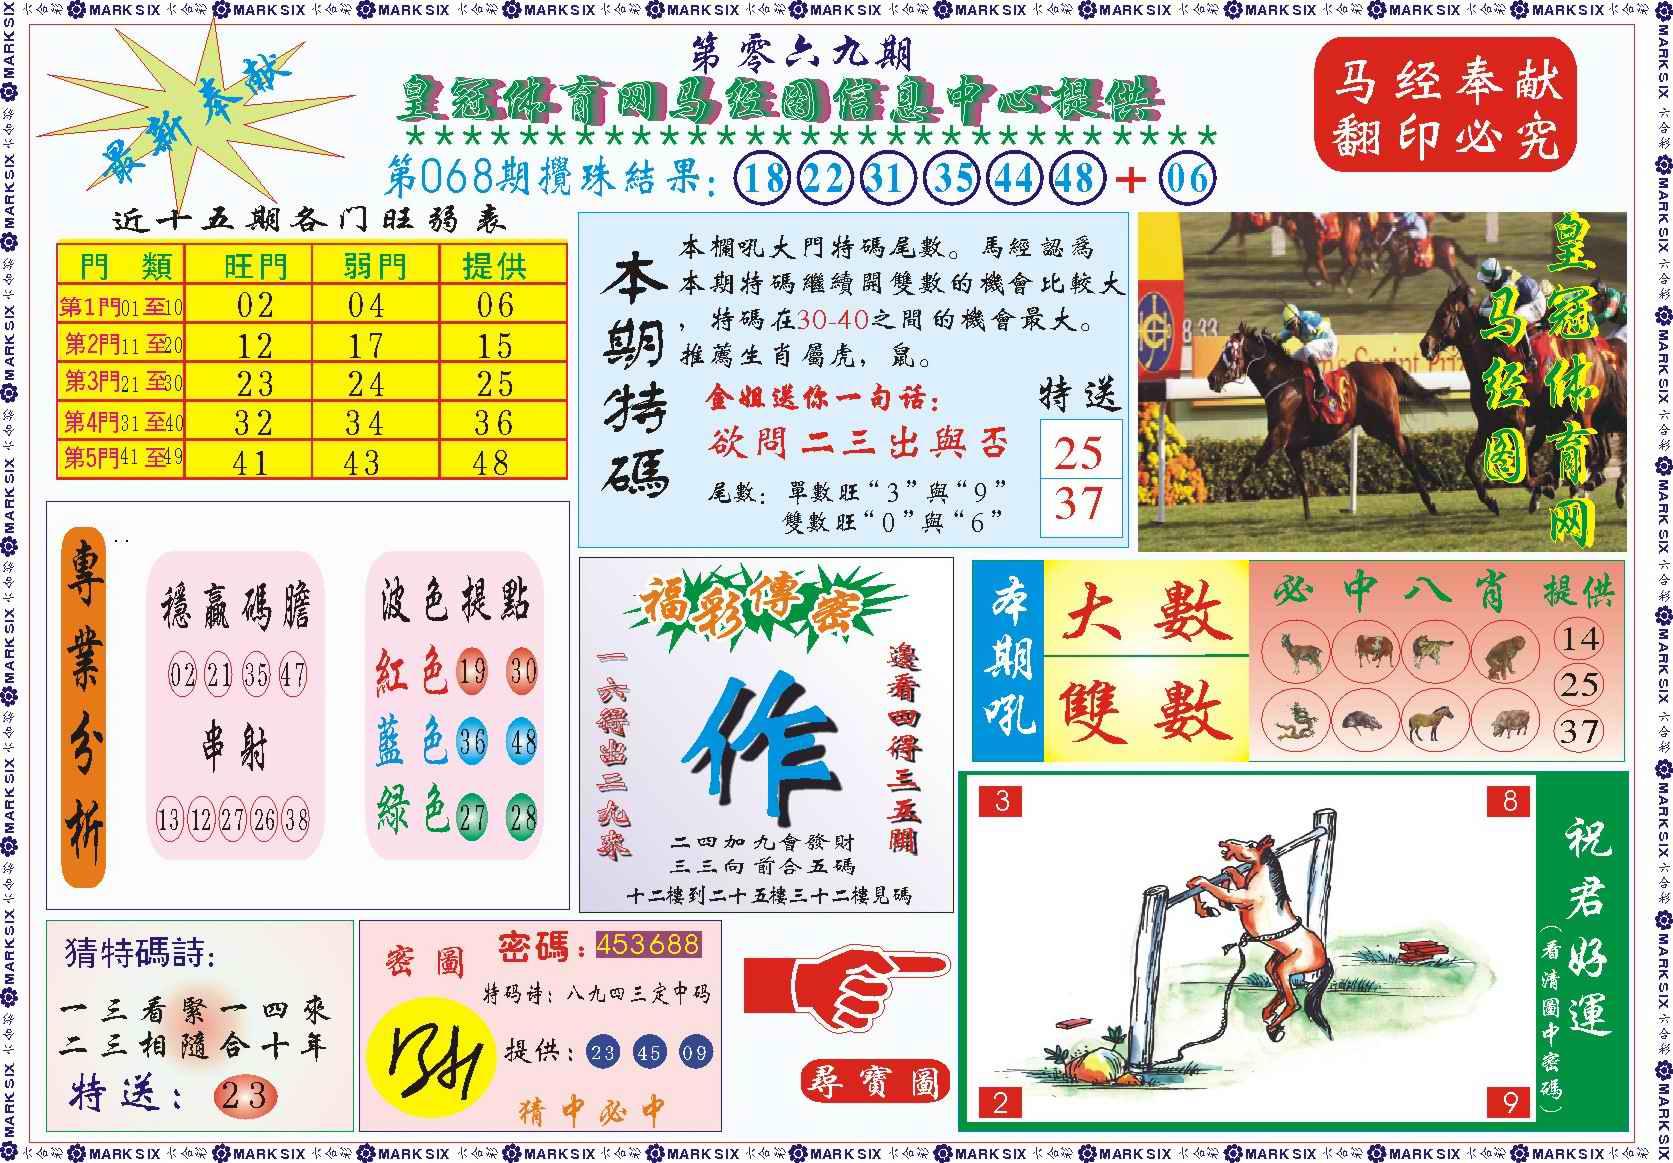 069期皇冠体育网马经图记录